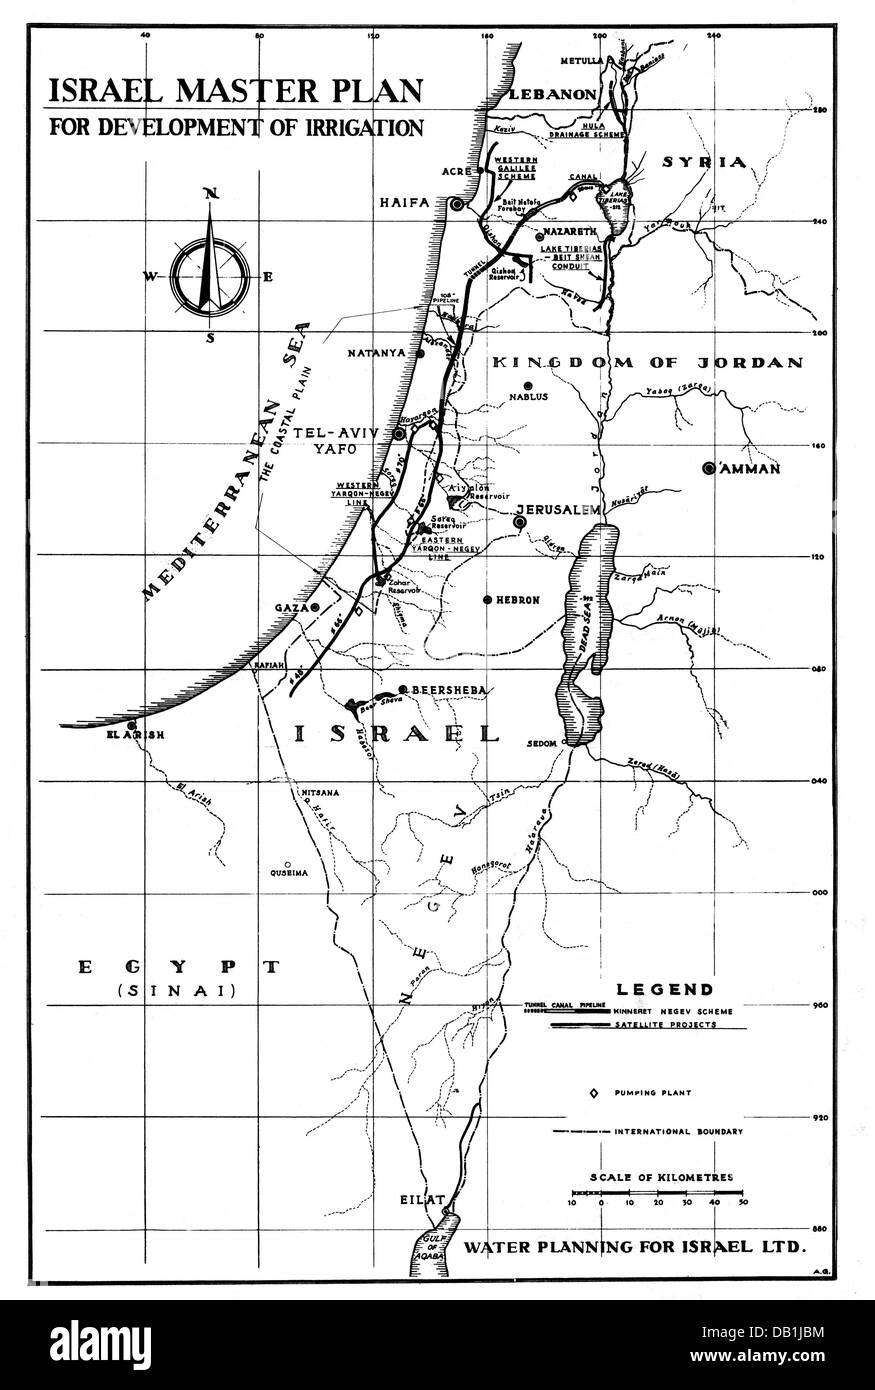 Geographie/Reisen, Israel, Landwirtschaft, Konzept für den Bau von Wasserleitungen für die Bewässerung, Stockbild